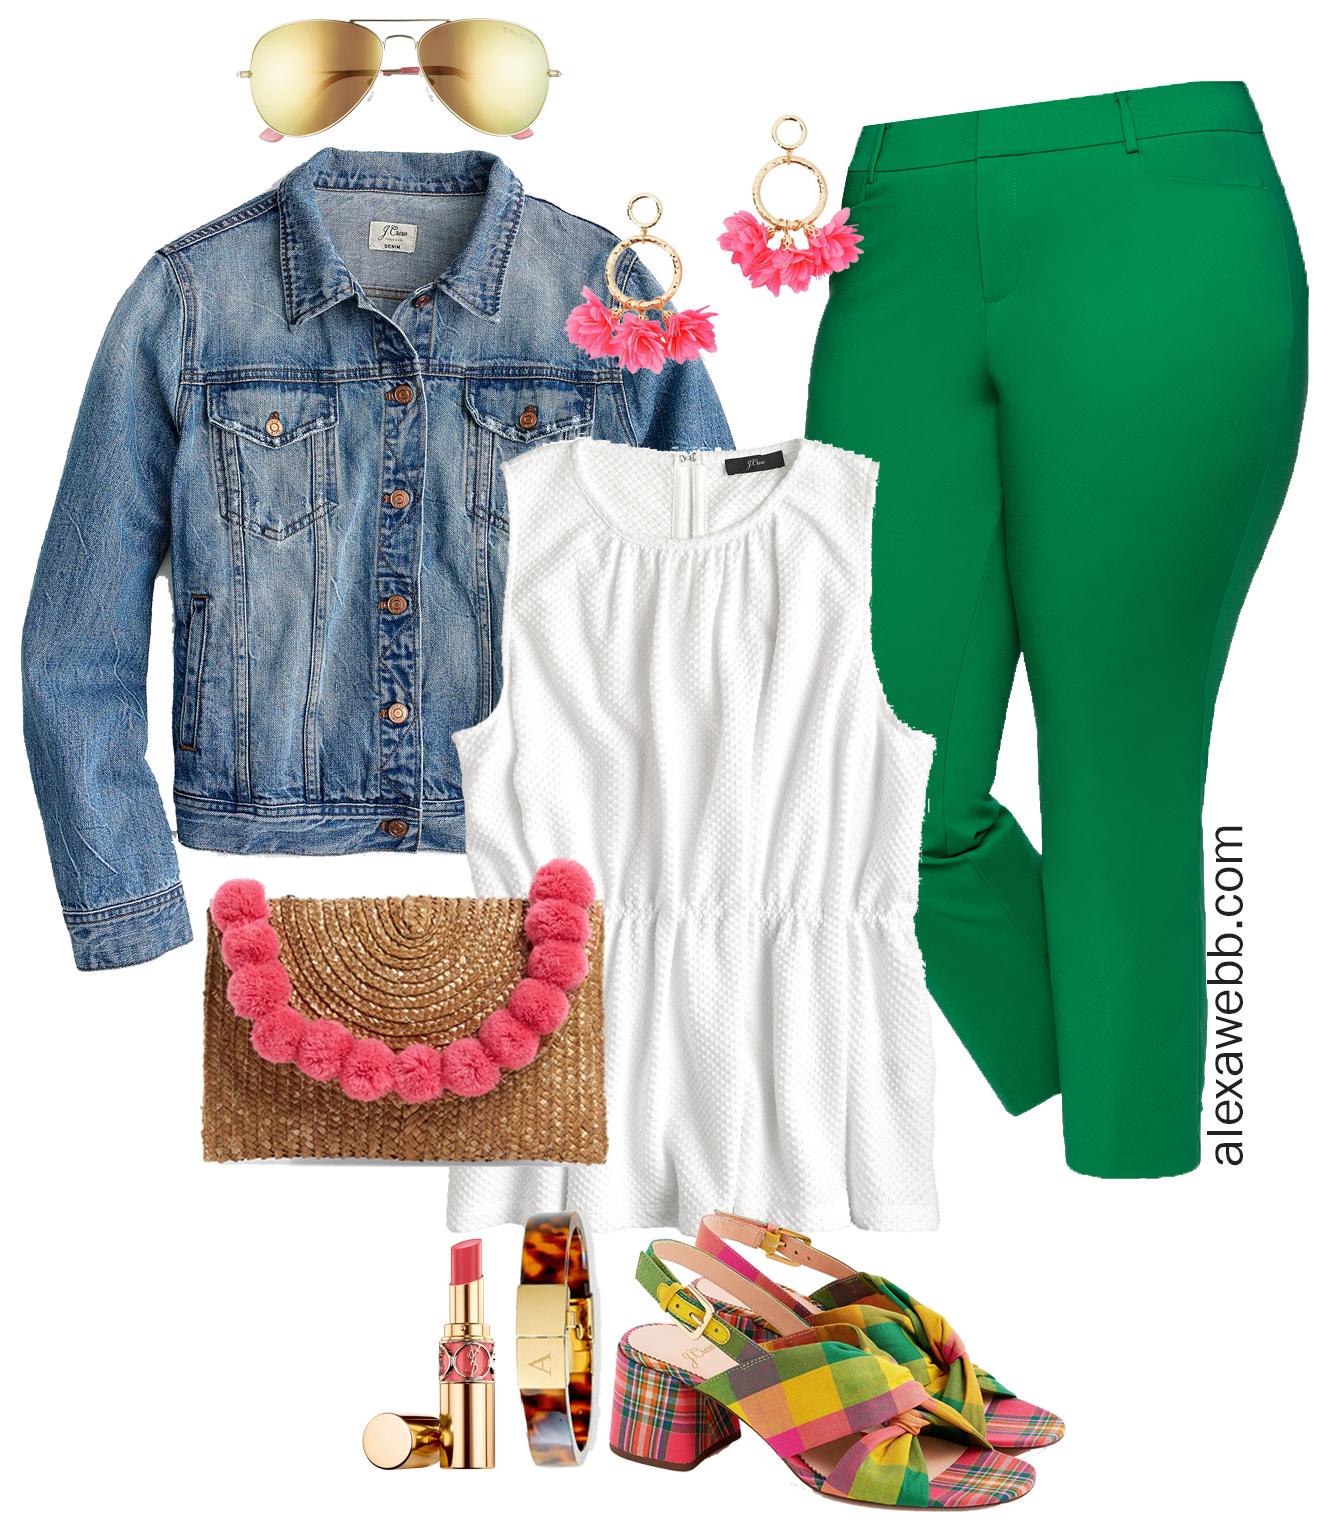 74bdff8c8f603 Plus Size Bright Green Pants - Part 1 - Alexa Webb